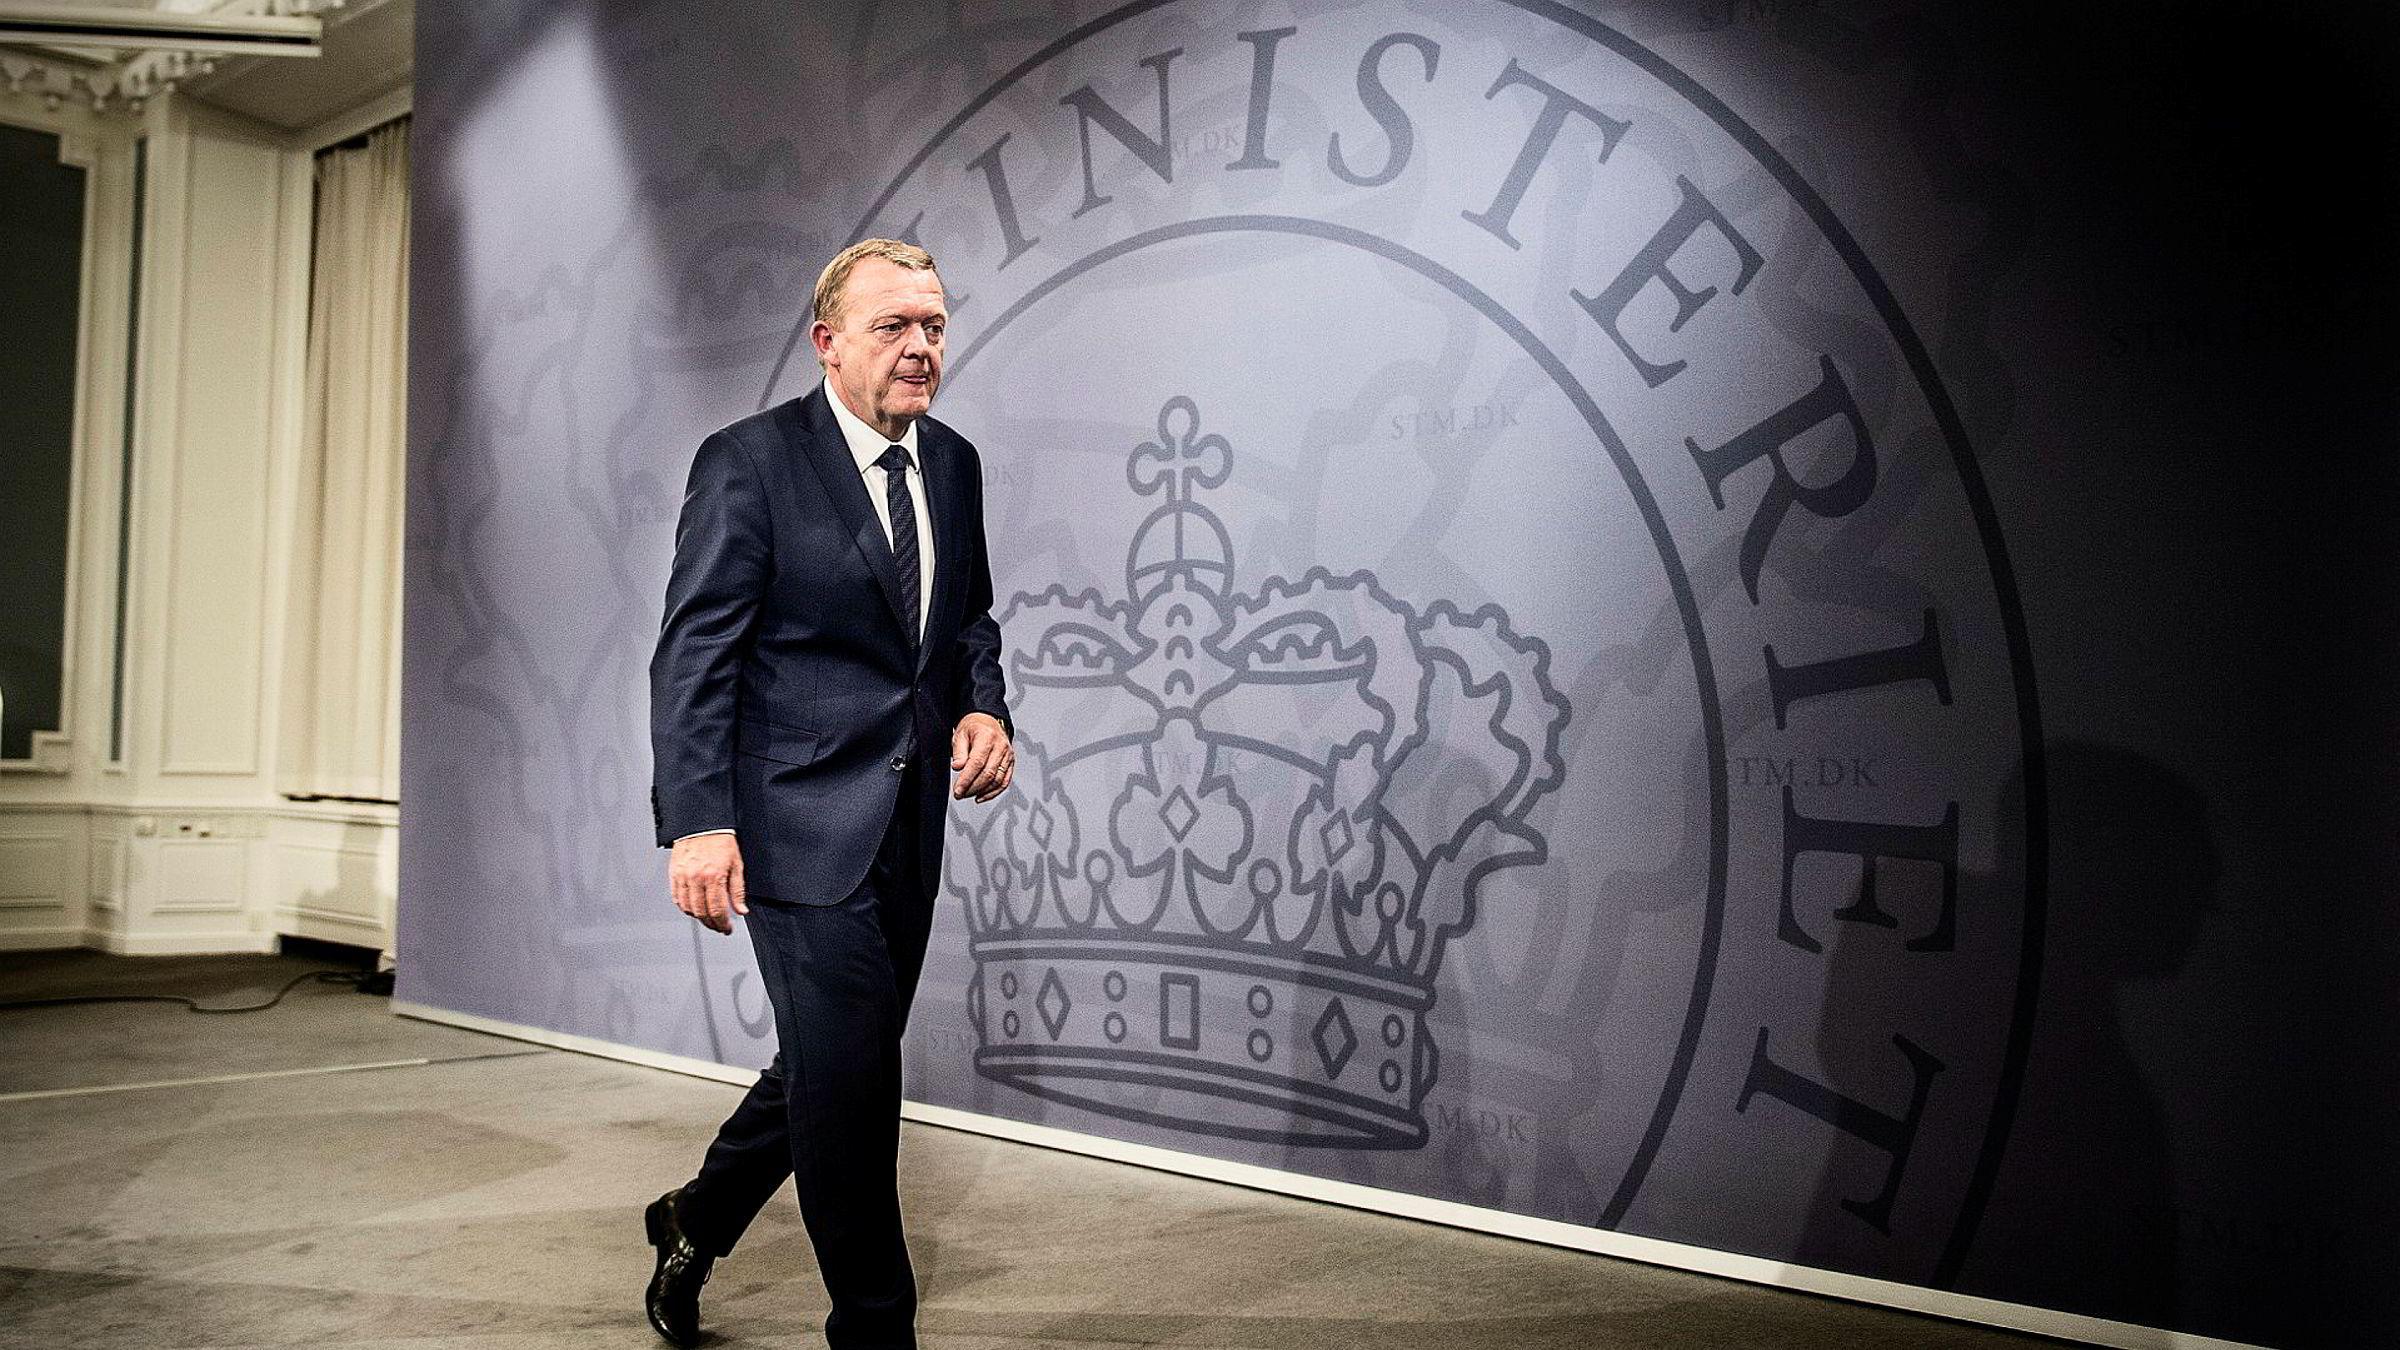 Statsminister Lars Løkke Rasmussen og de borgerlige hadde tapt regjeringsmakten i Danmark dersom det var valg nå, viser de siste meningsmålingene.